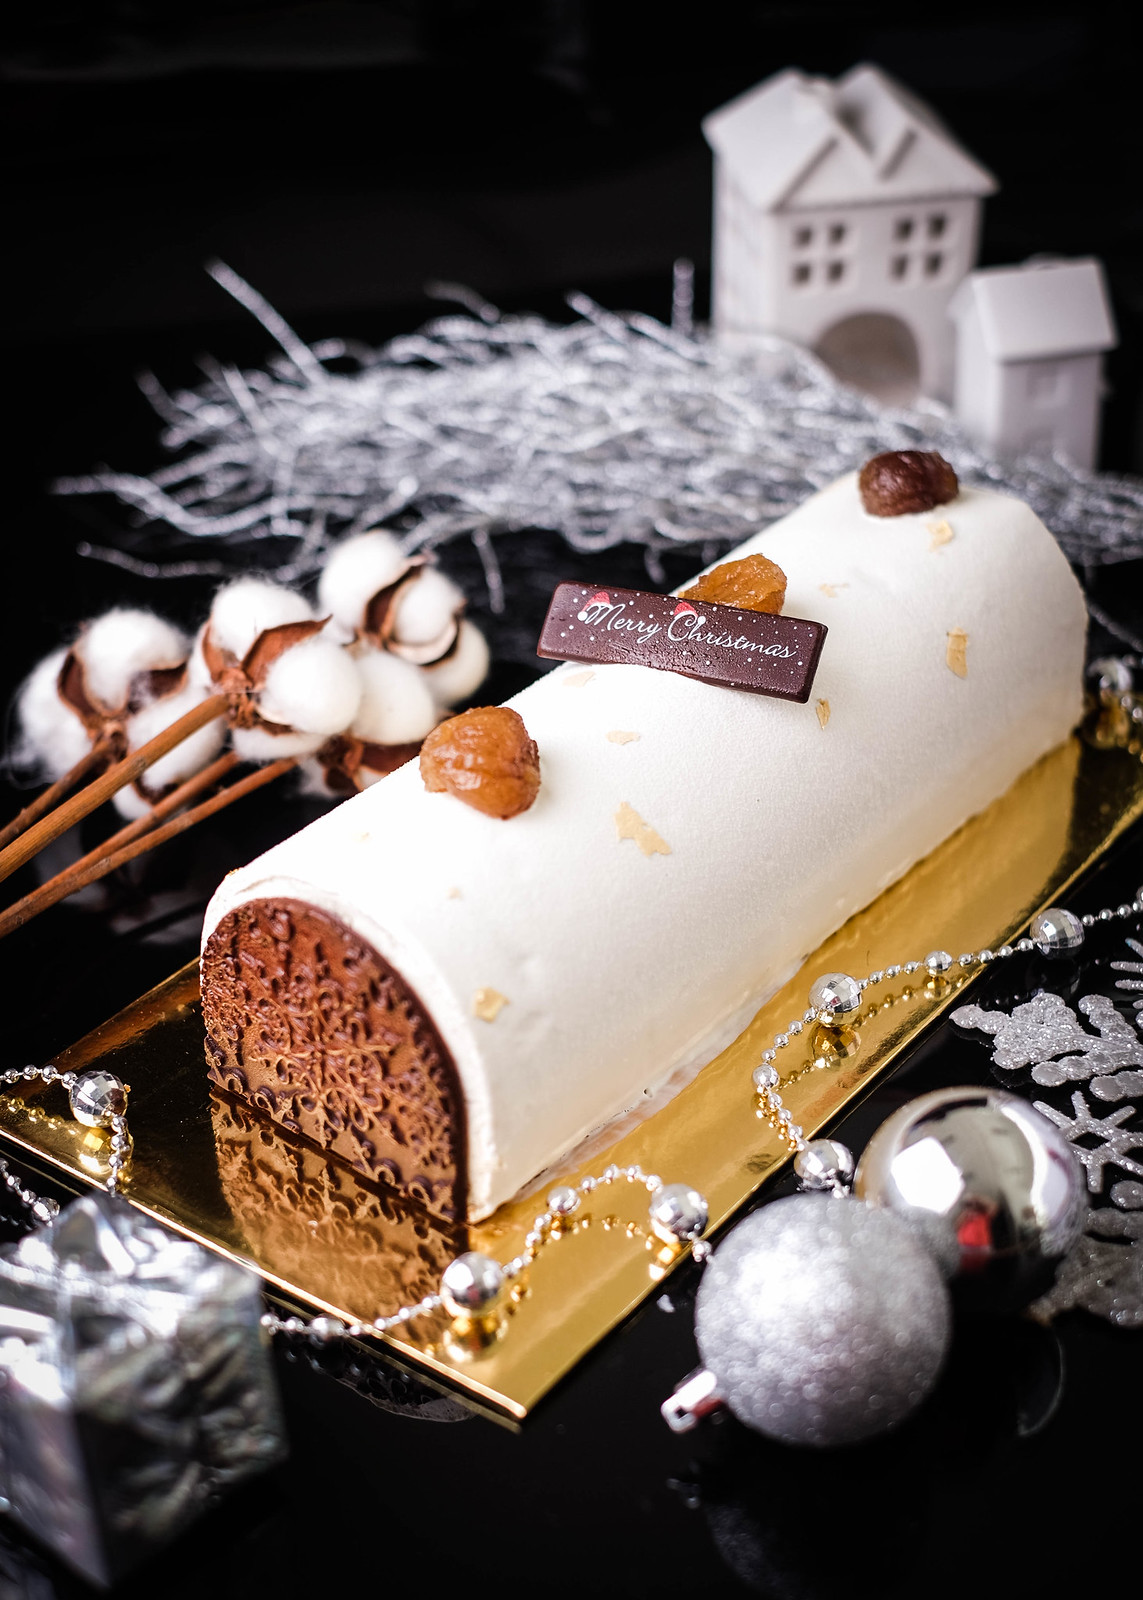 Christmas Log Cakes: The Fullerton Hotel